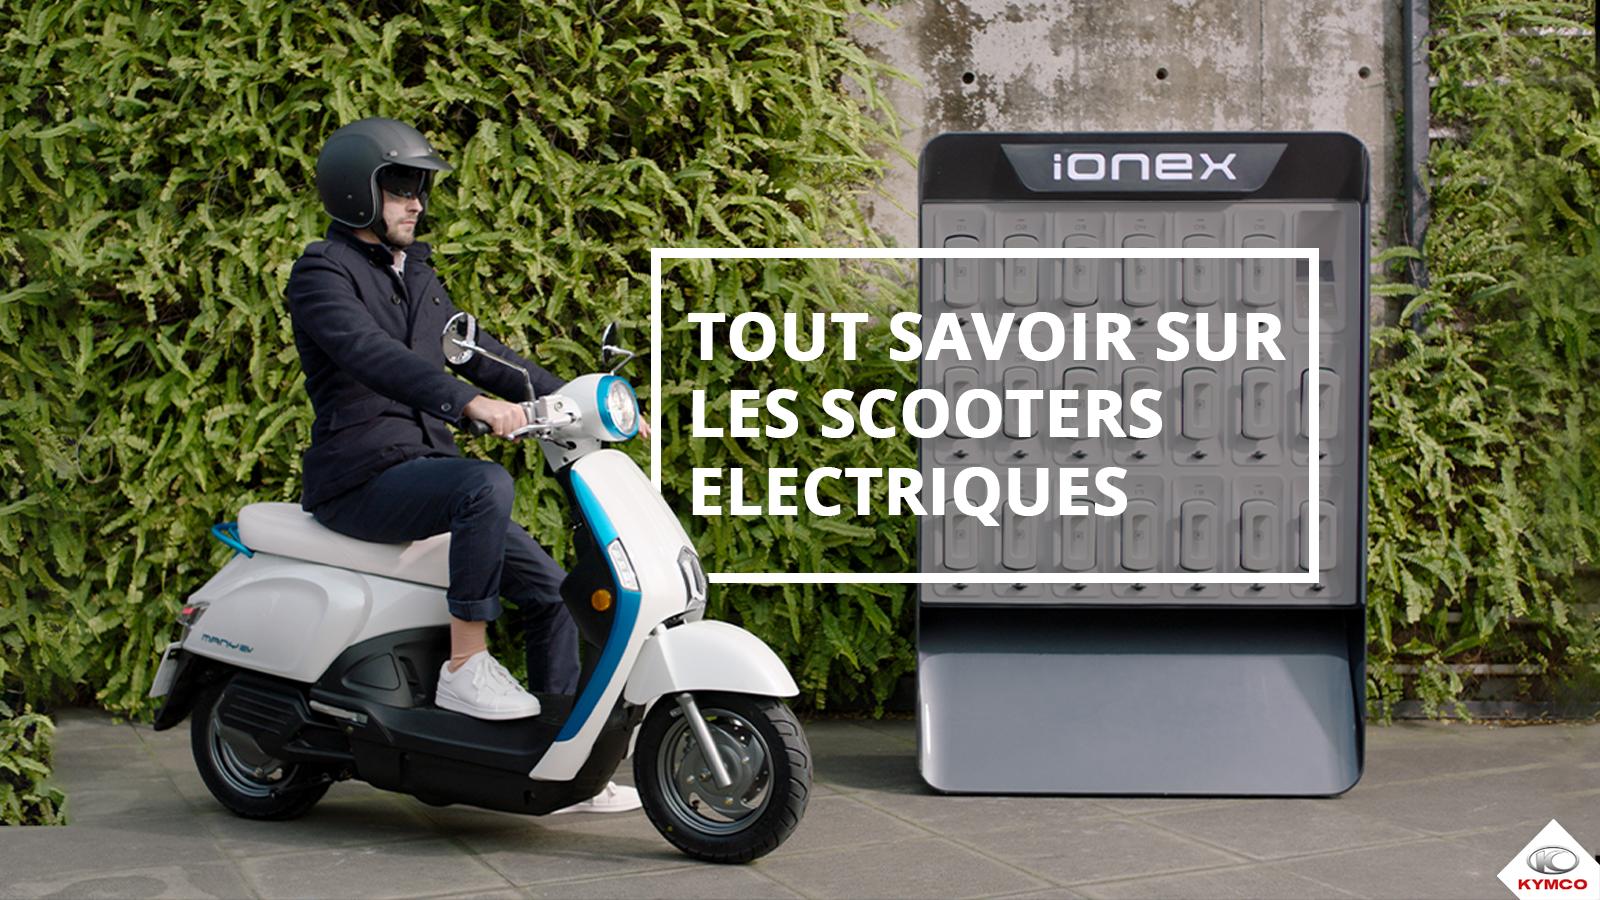 tout-savoir-sur-les-scooters-electriques-featured